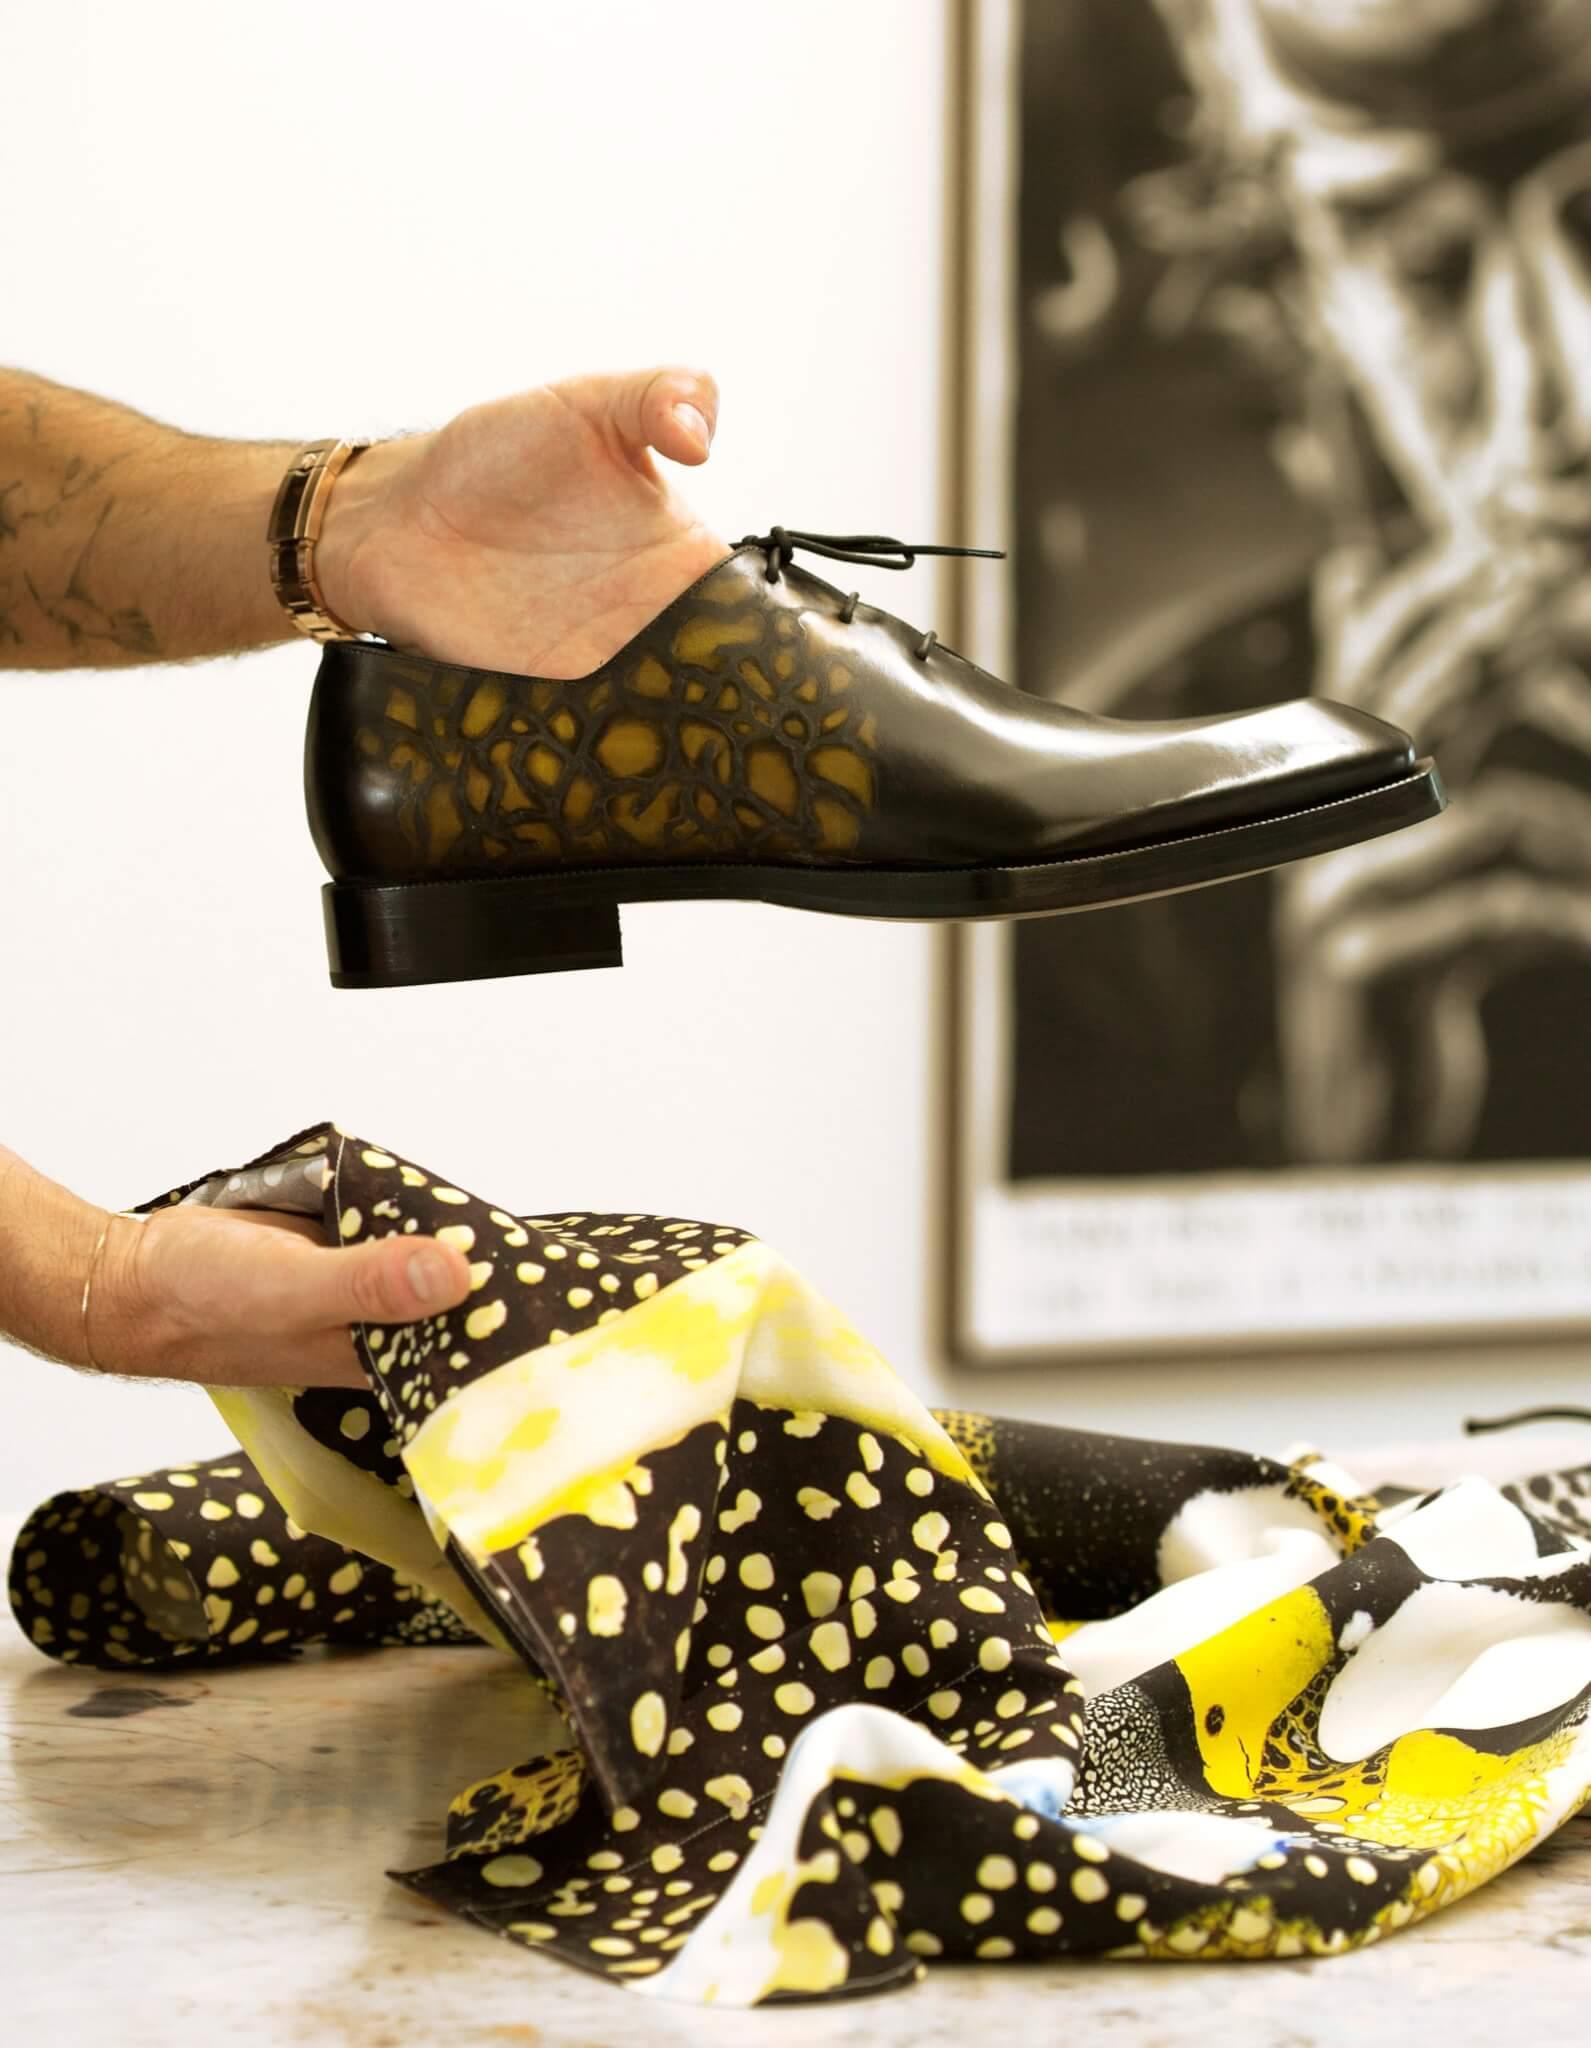 以Brian Rochefort作品為靈感的Patina皮革印花,將品牌DNA和當代藝術完美融合。